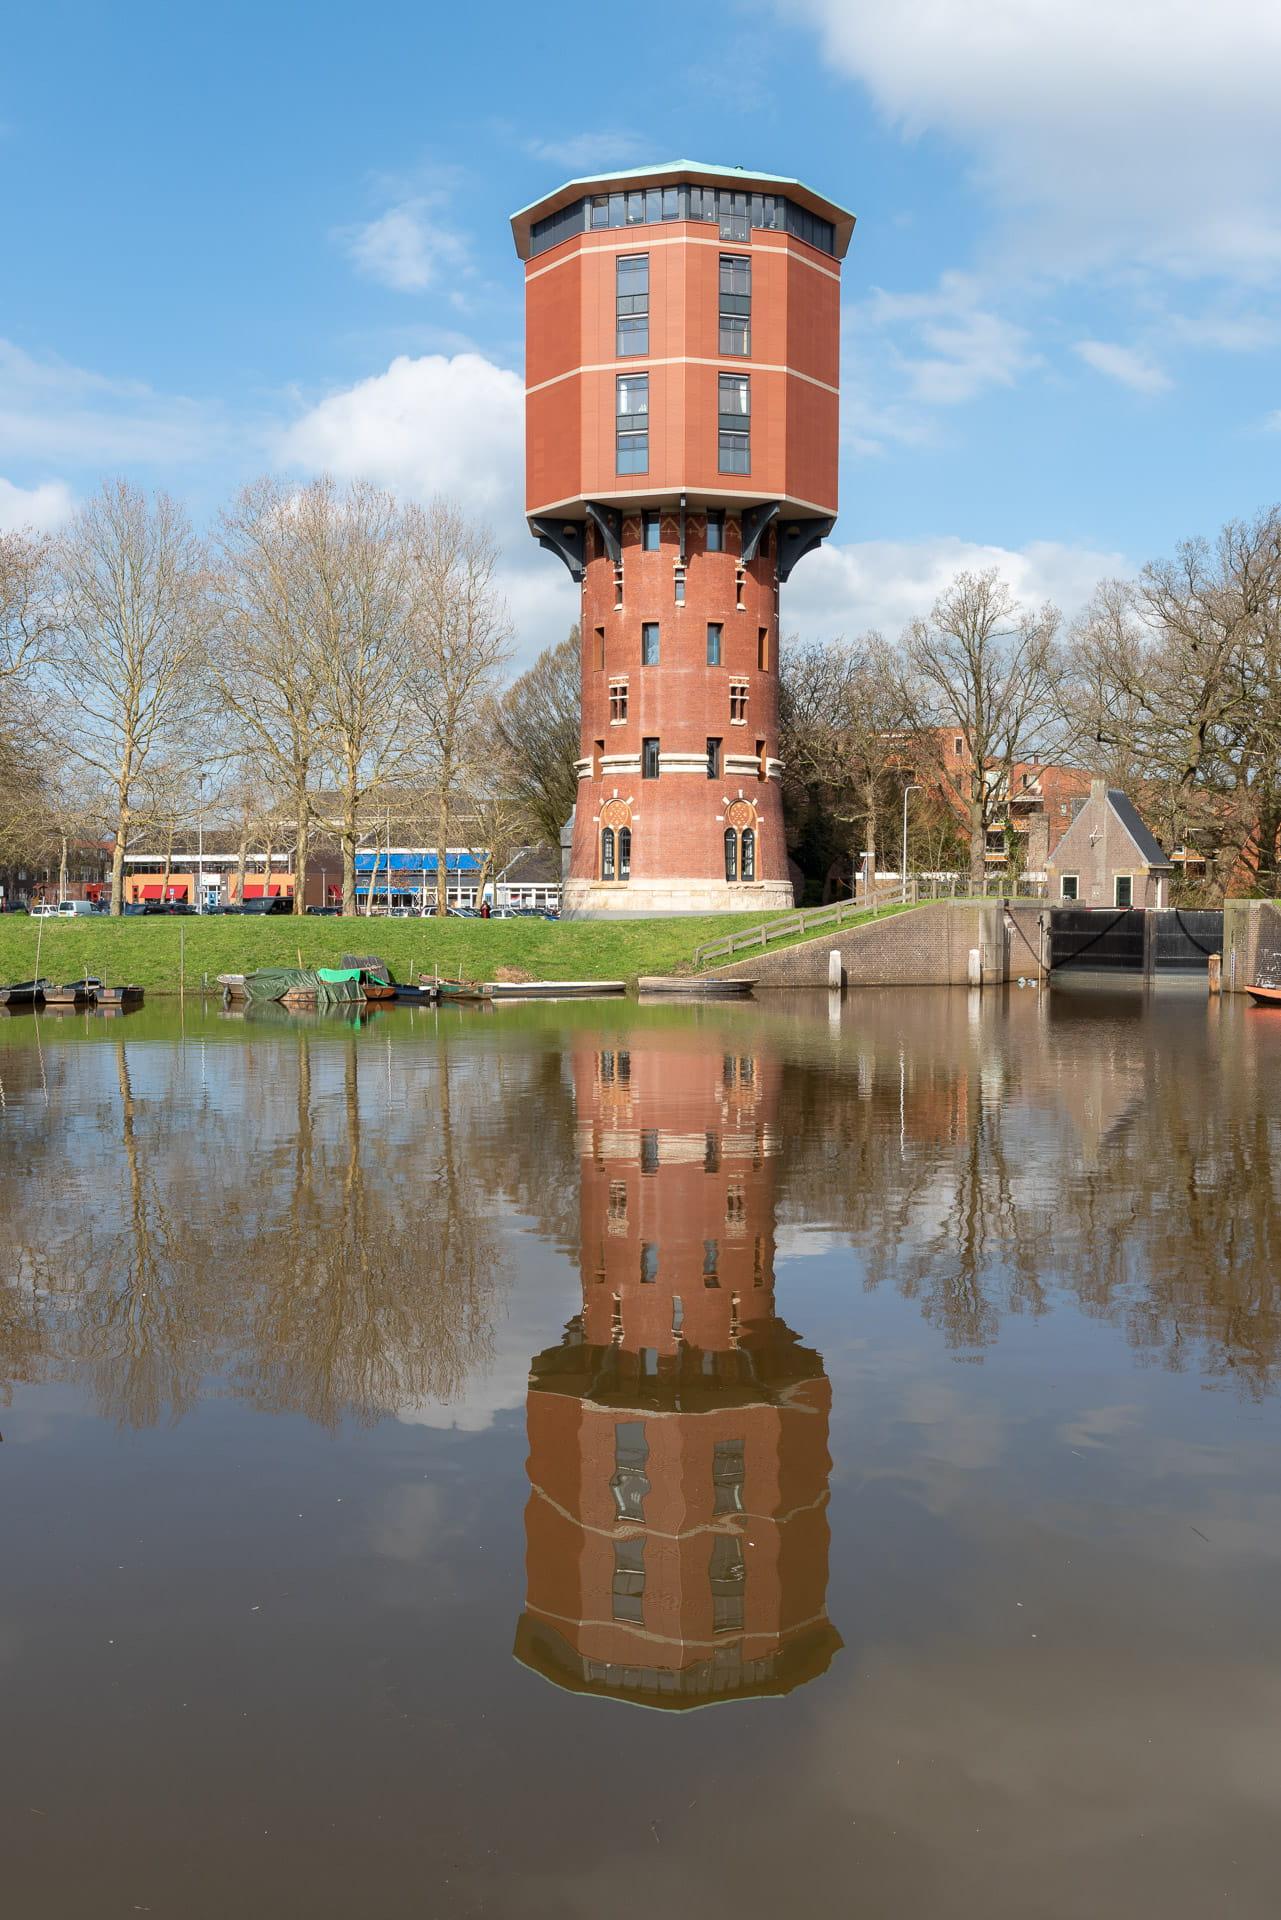 Zwolse Watertoren met gracht op voorgrond